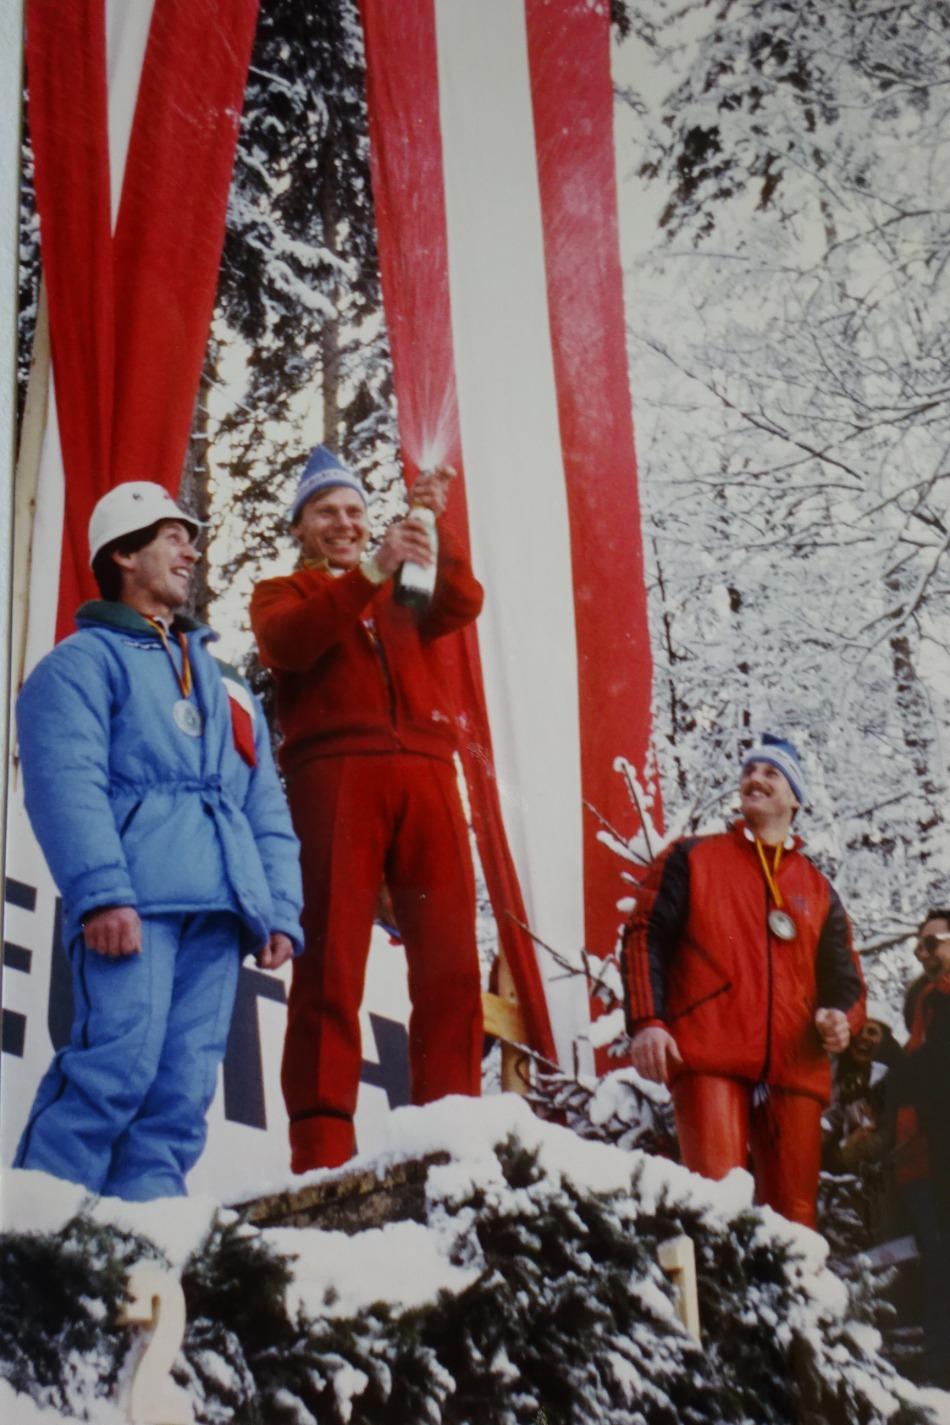 Rodeln_Rodel Austria_Alfred Kogler_Naturbahnrodeln_Weltmeister